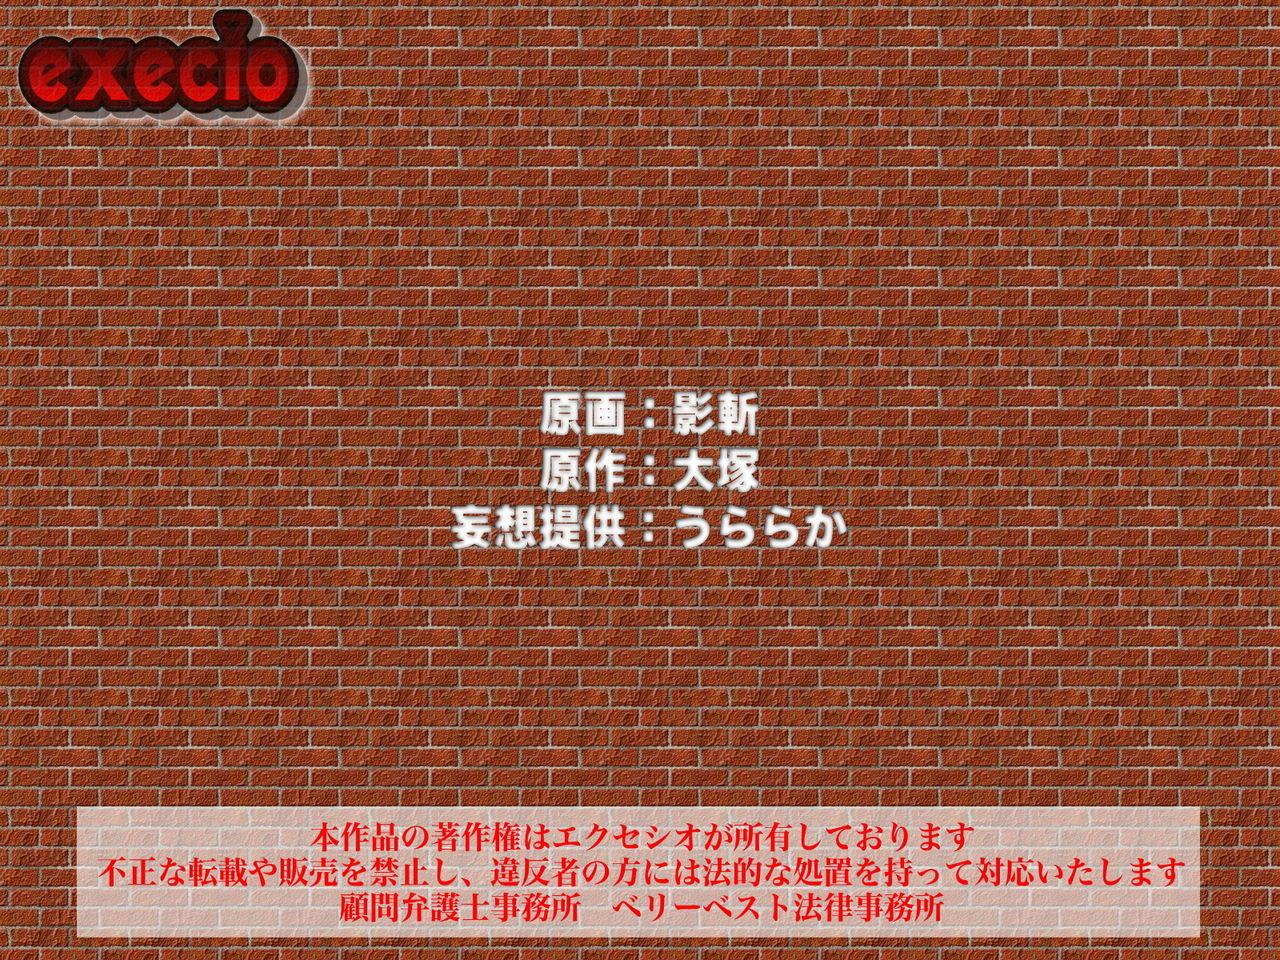 [Execio (Eizan)] Imouto-ya Sono Yuujin-tachi o Dutch Wife Ningyou ni Shite Suki Houdai Yari Makutte Mita Ken  - part 2